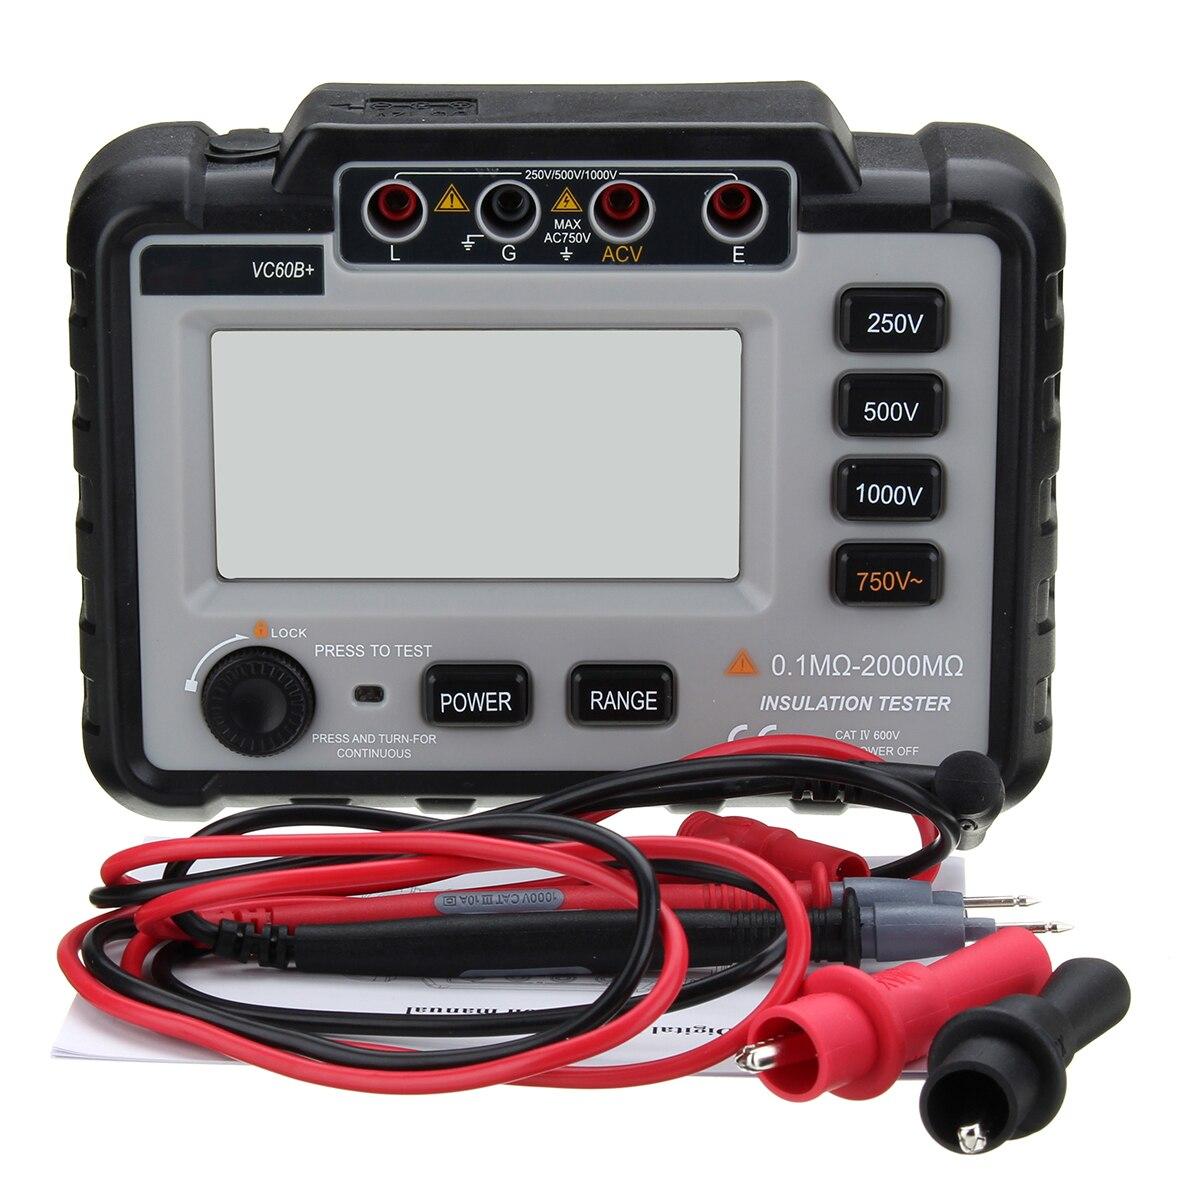 Wintalk VC60B + testeur de résistance à l'isolation numérique mètres de terre mégger megohmmètre multimètre voltmètre Portable